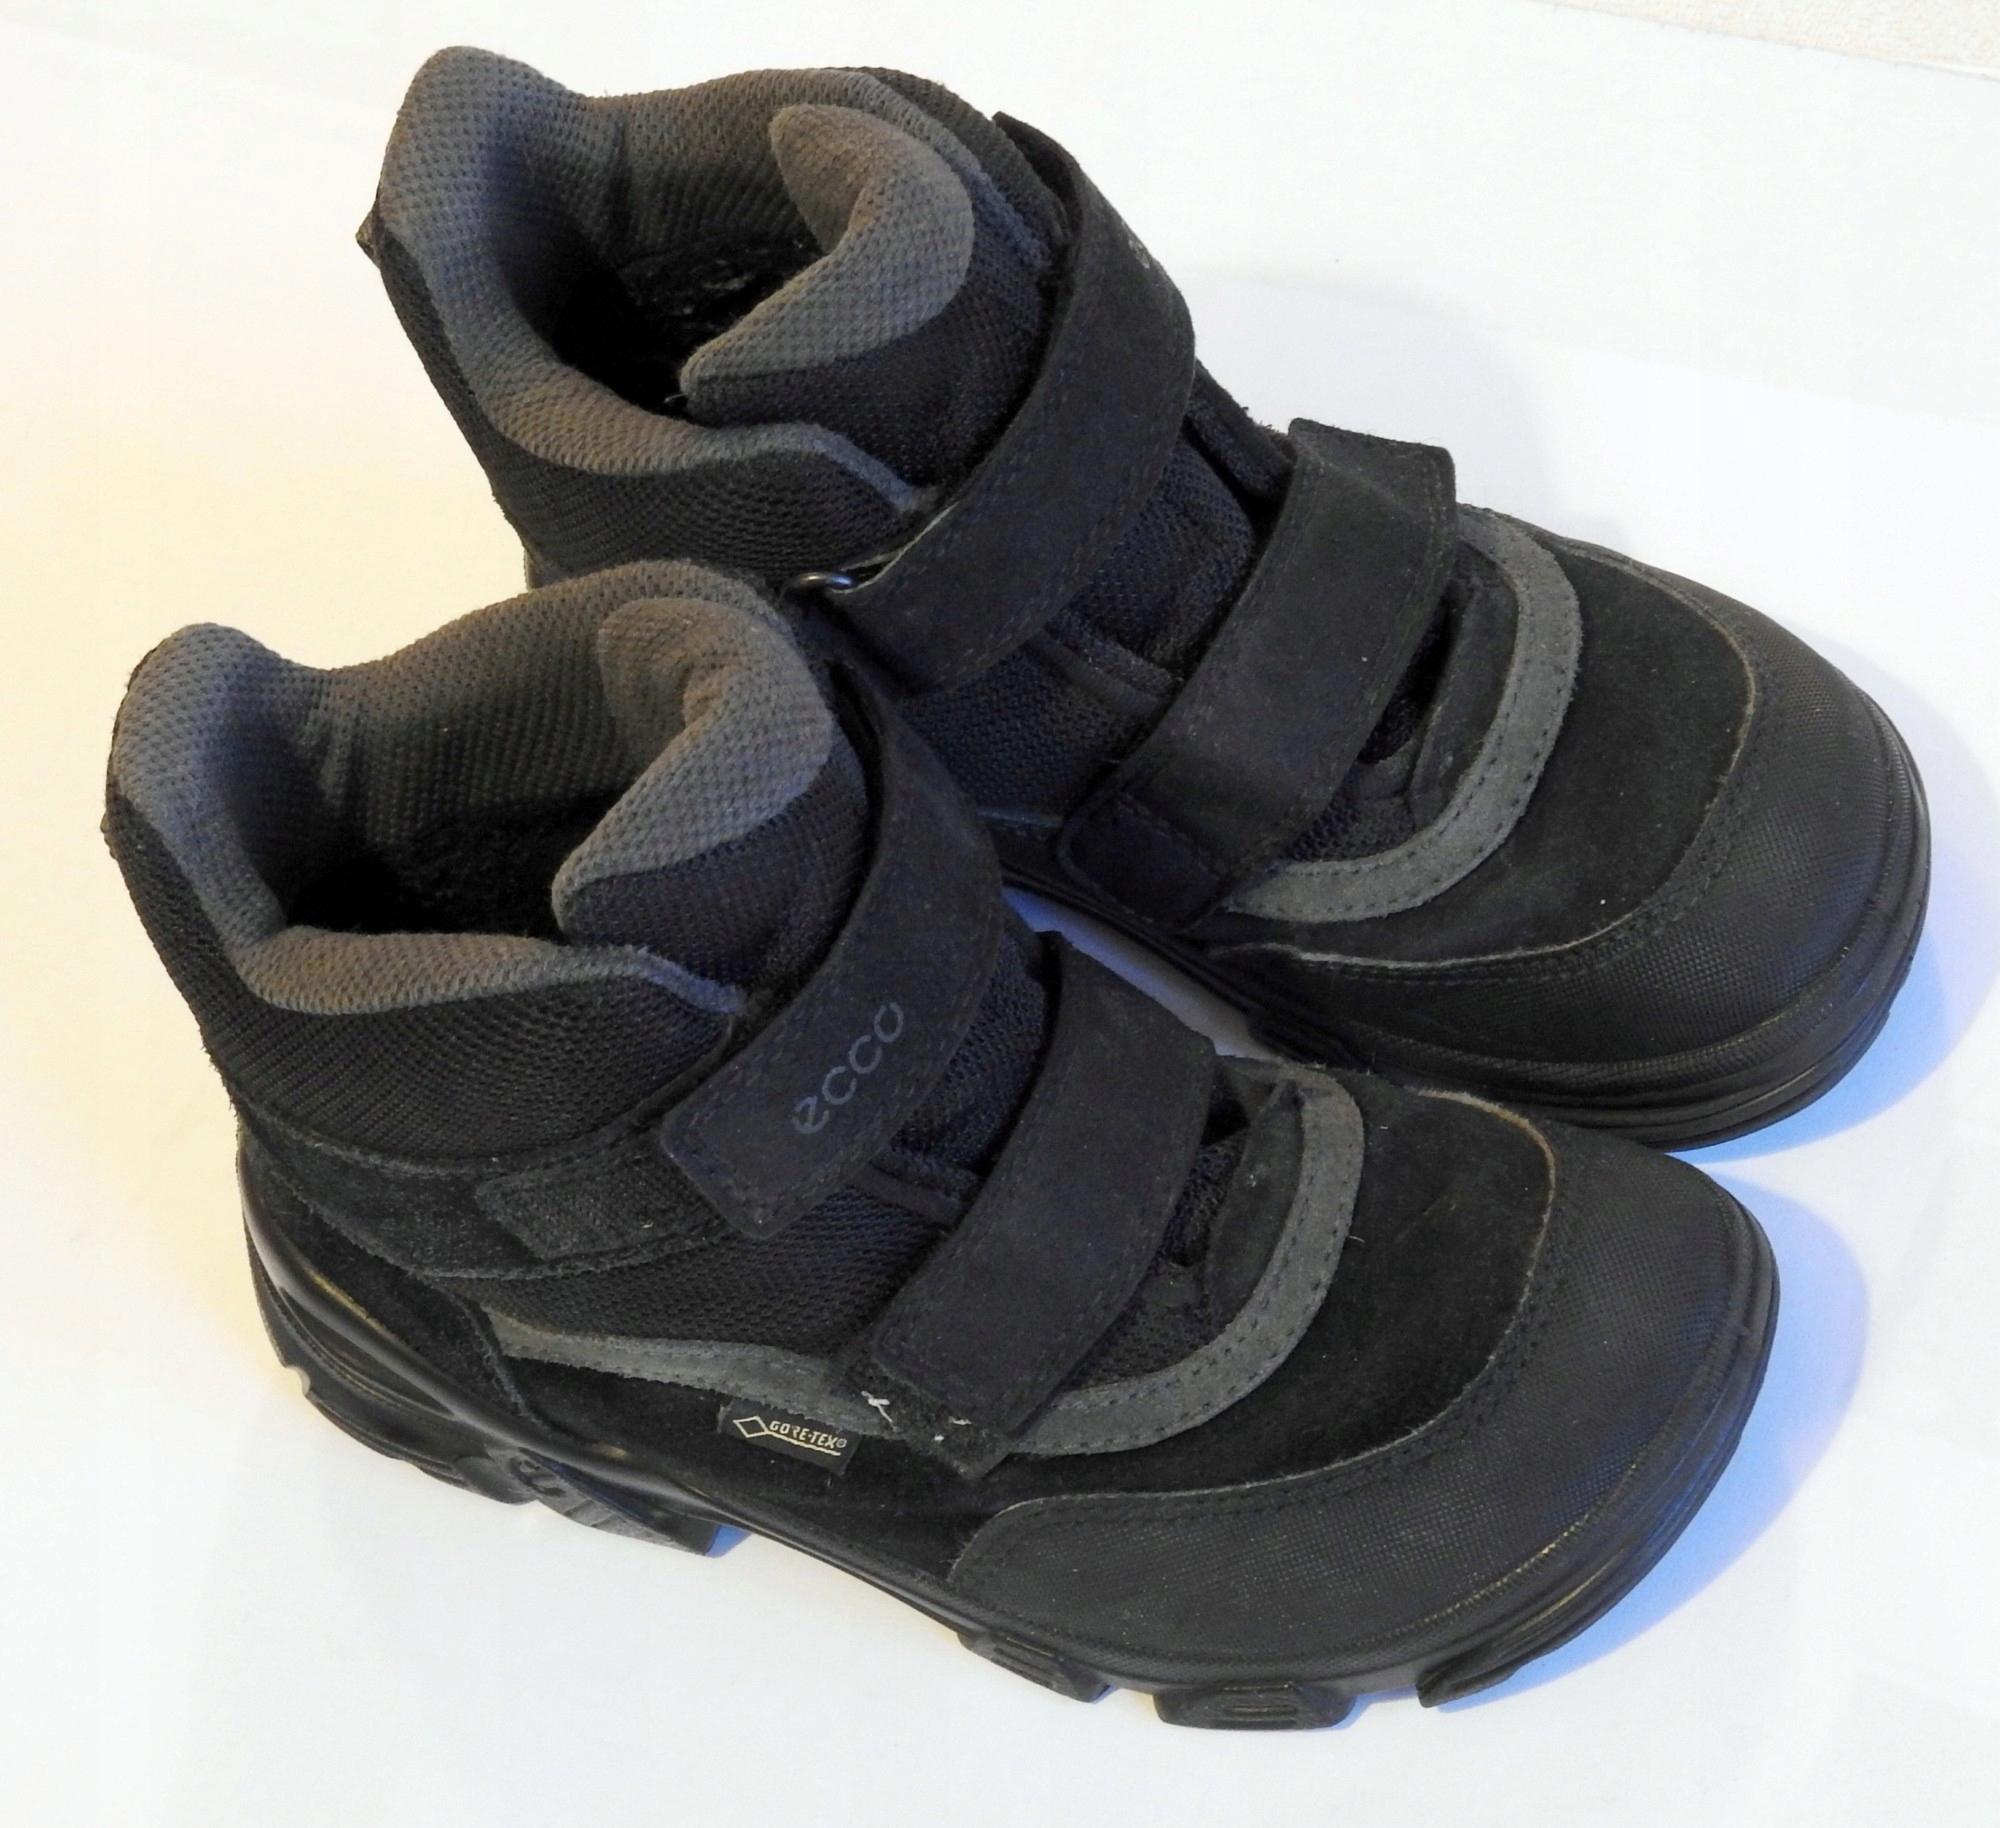 d99af4e2 ECCO buty zimowe/kozaki dla chłopca, rozmiar 30 - 7692476823 ...